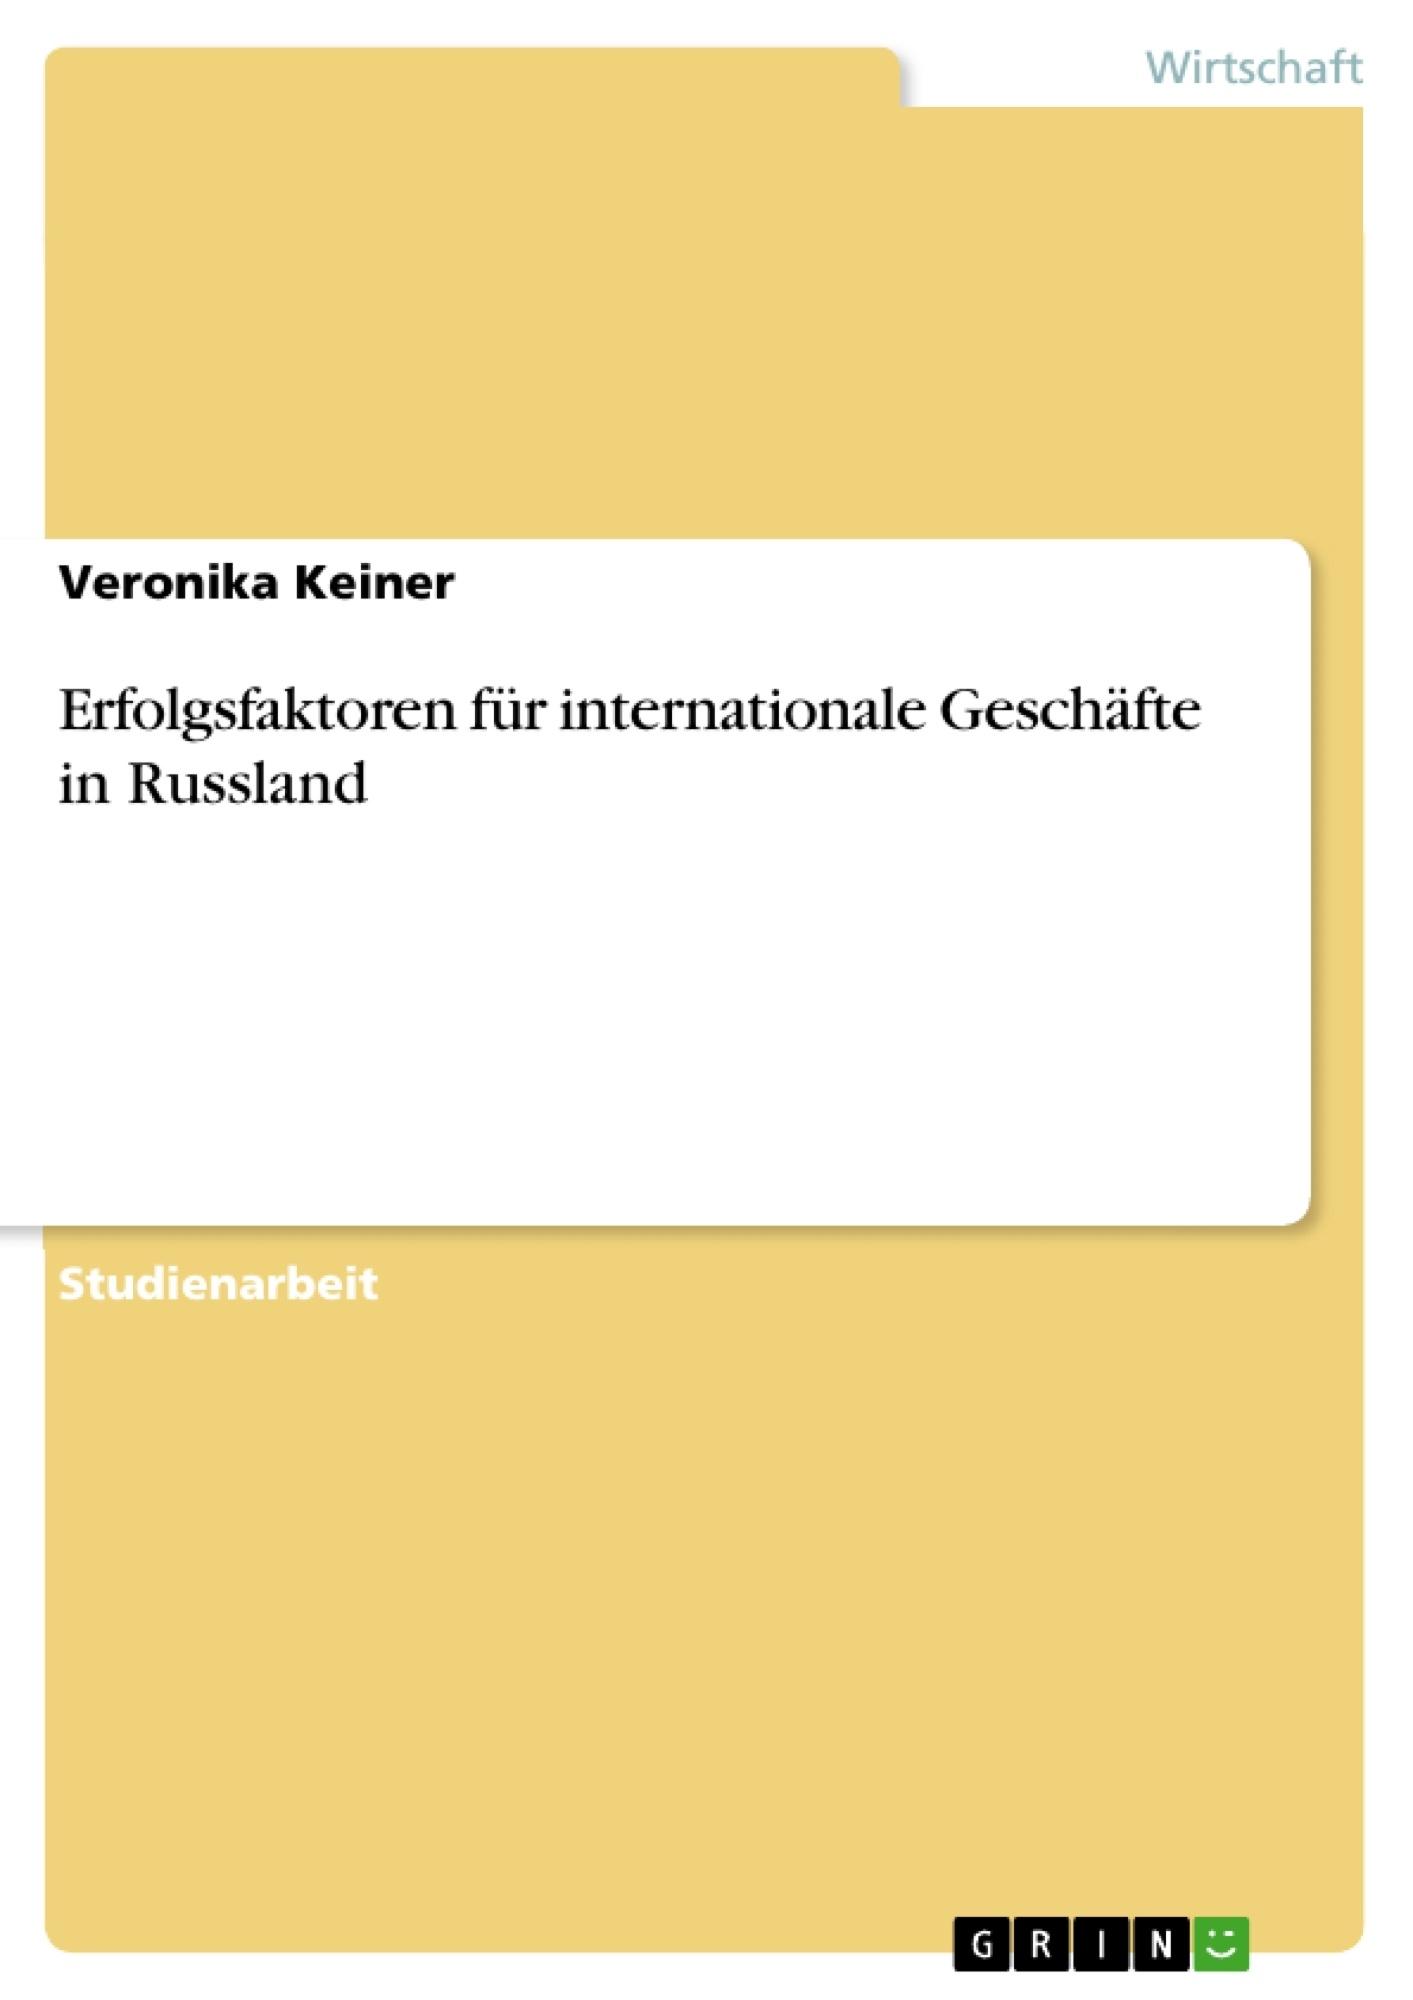 Titel: Erfolgsfaktoren für internationale Geschäfte in Russland